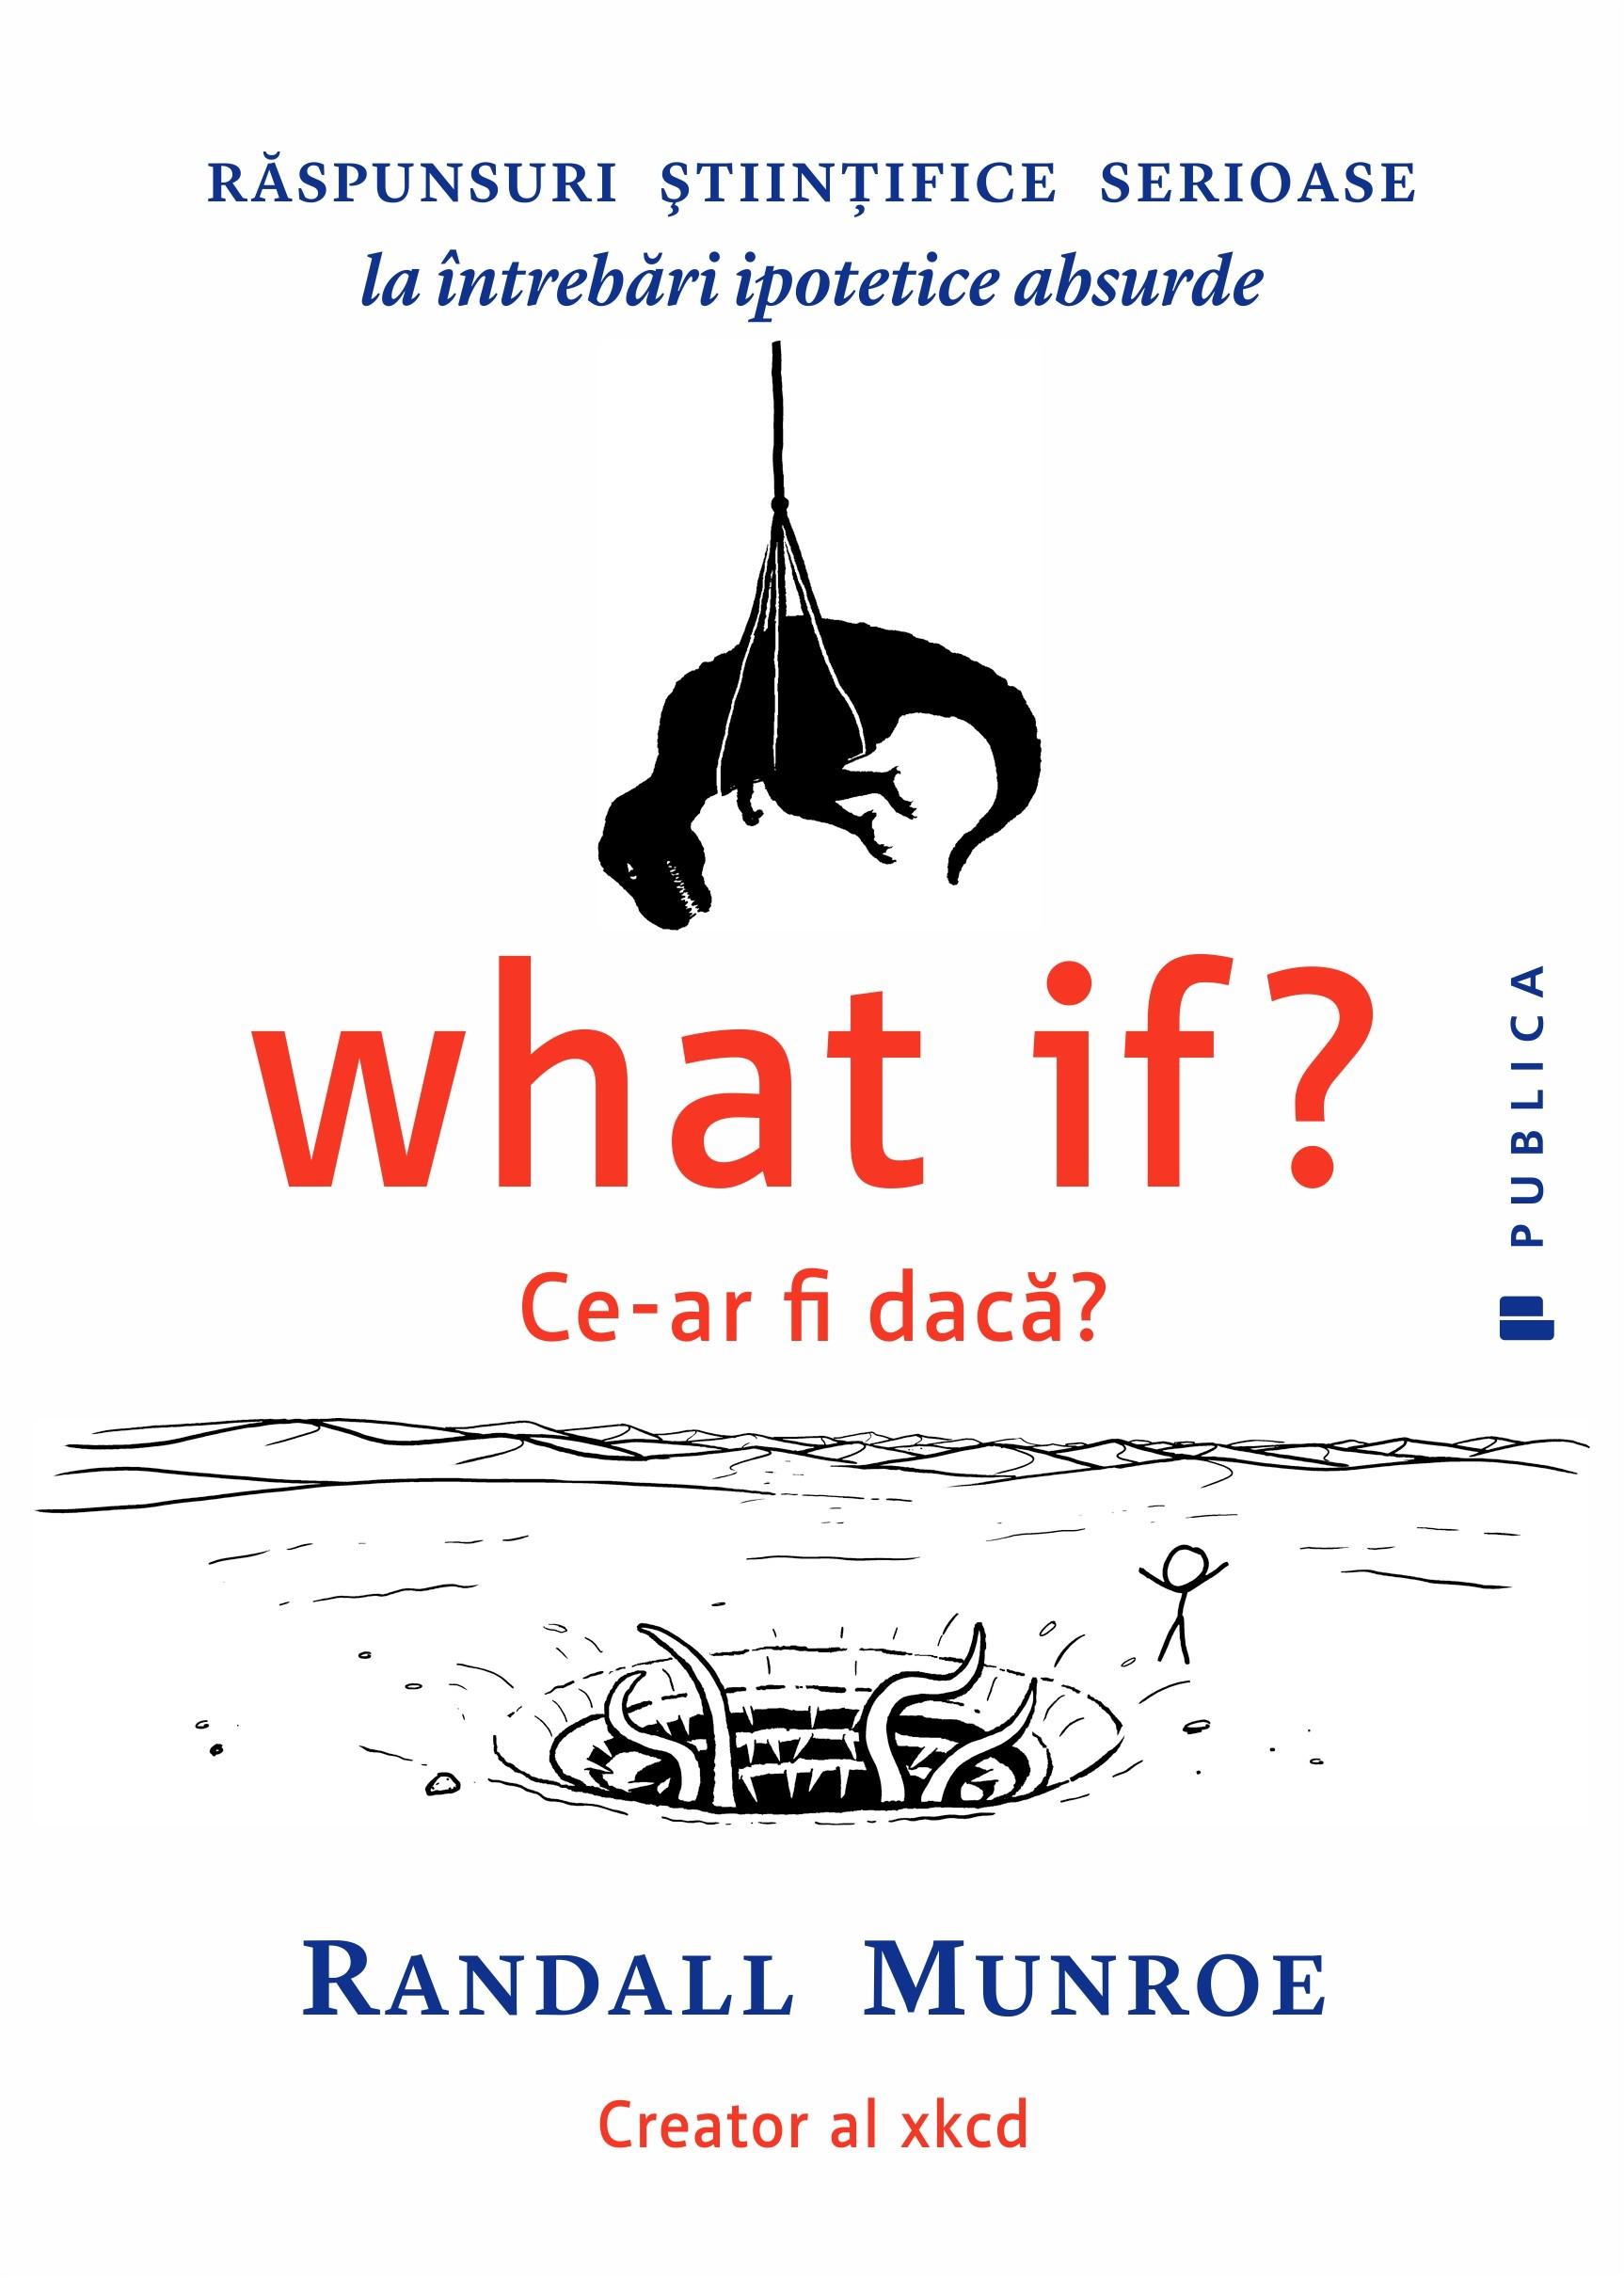 Imagini pentru What if? Ce-ar fi daca? Raspunsuri stiintifice serioase la intrebari ipotetice absurde